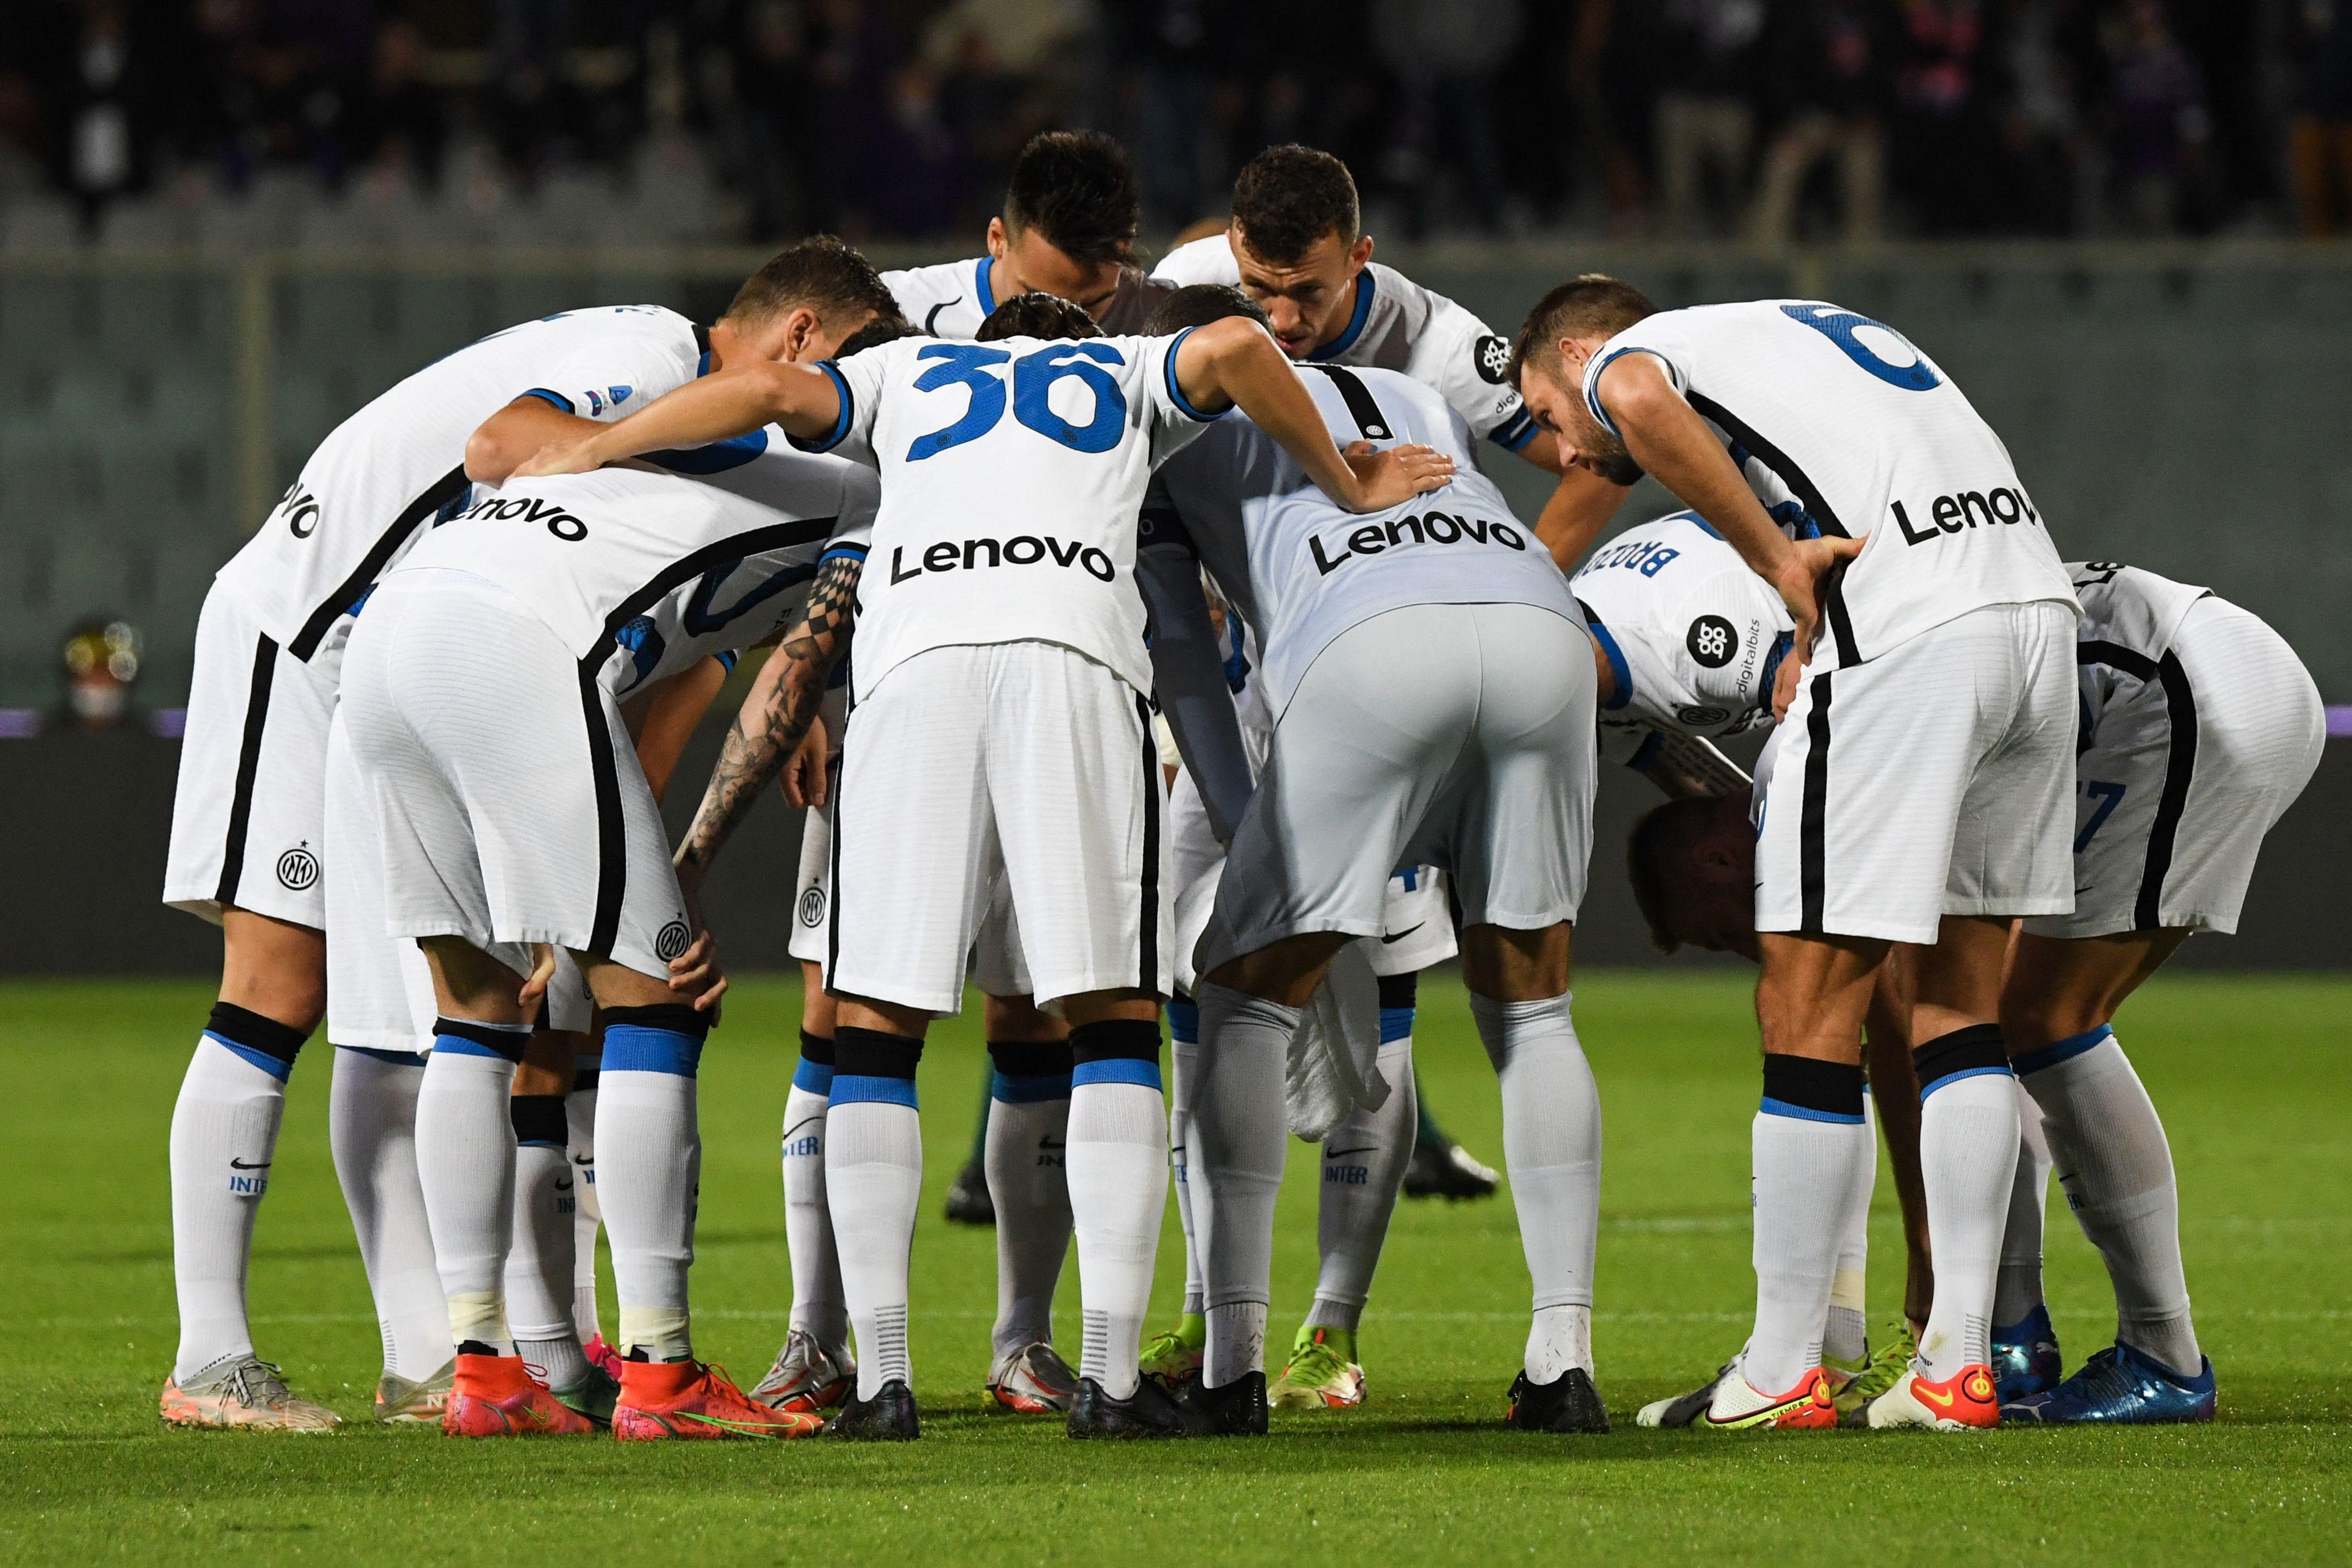 Le immagini della sfida del Franchi tra la formazione di Italiano e i nerazzurri di S. Inzaghi<br /><br />